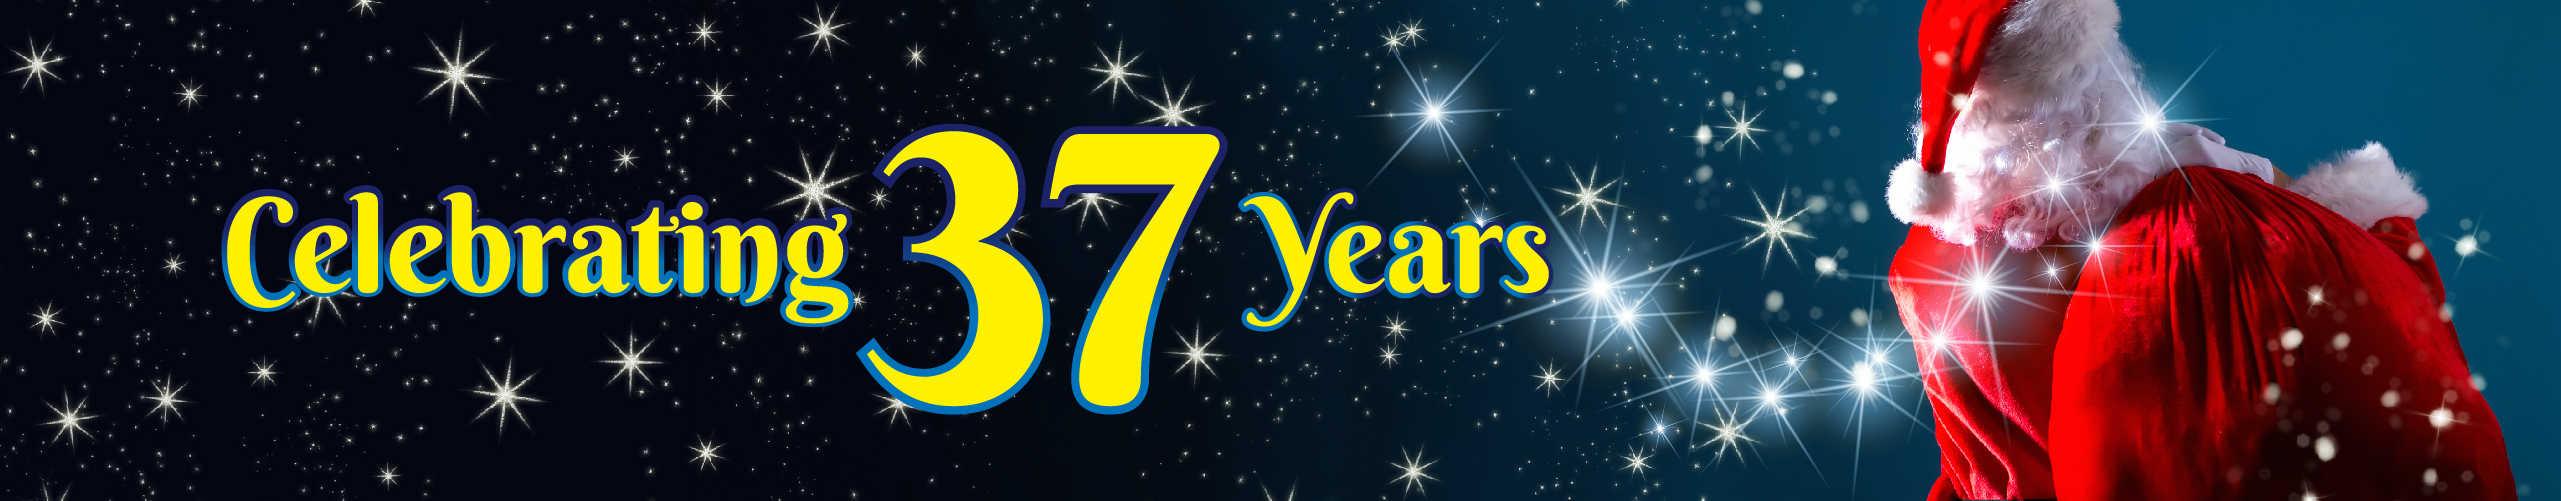 Celebrating 37 Years!